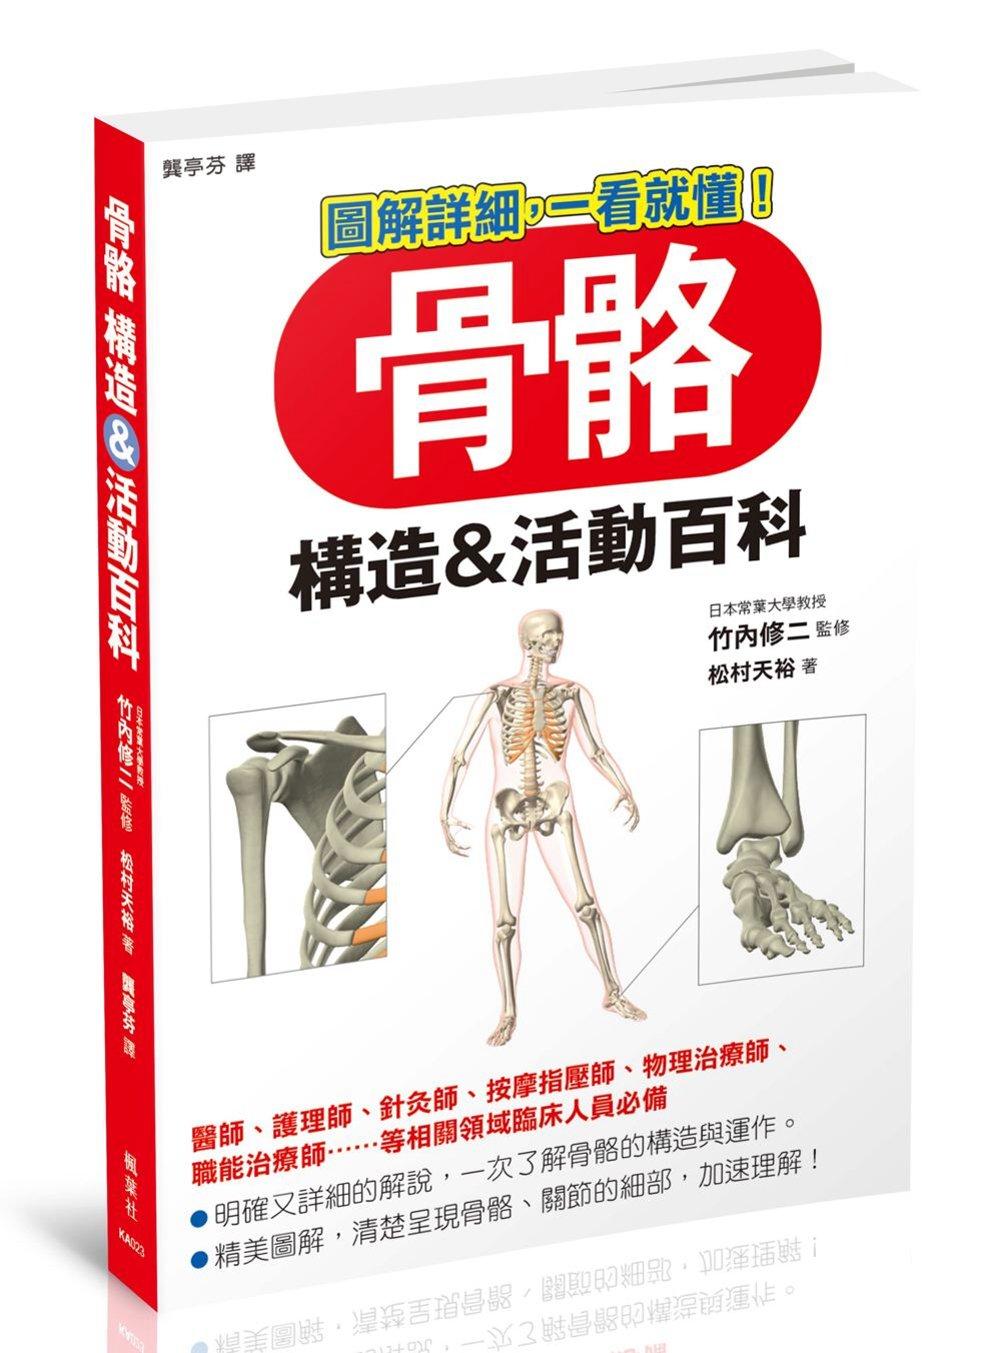 ◤博客來BOOKS◢ 暢銷書榜《推薦》骨骼 構造&活動百科